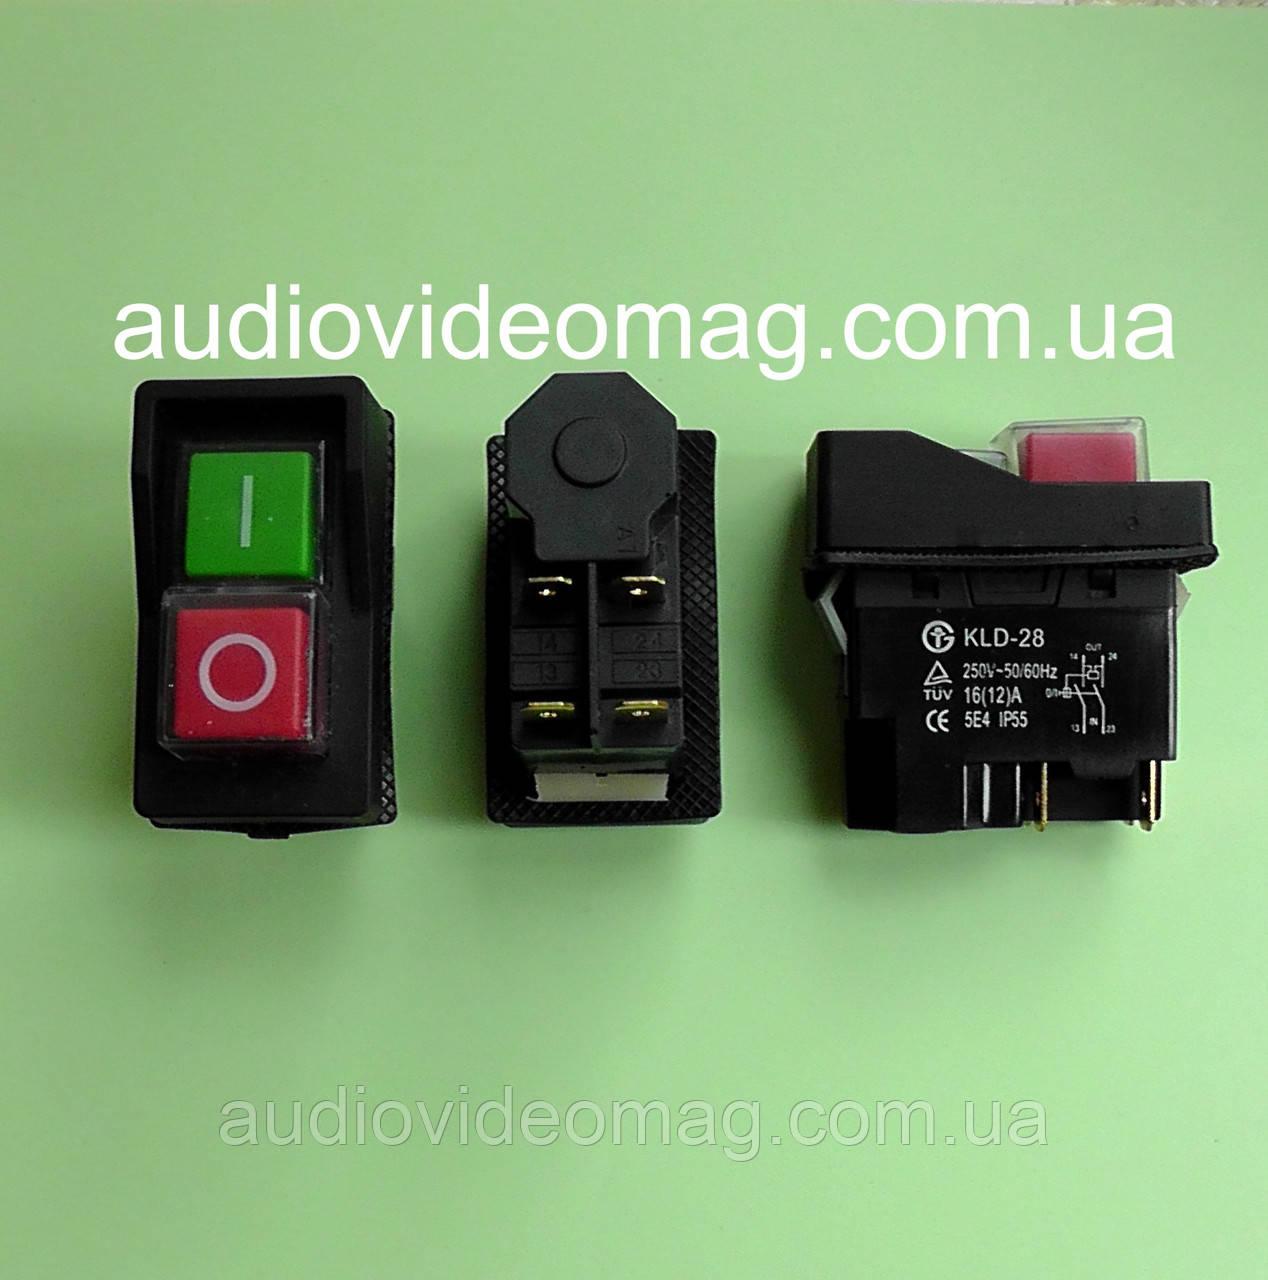 Пусковая кнопка KLD-28A (магнитный пускатель) для бетономешалки, 4 контакта